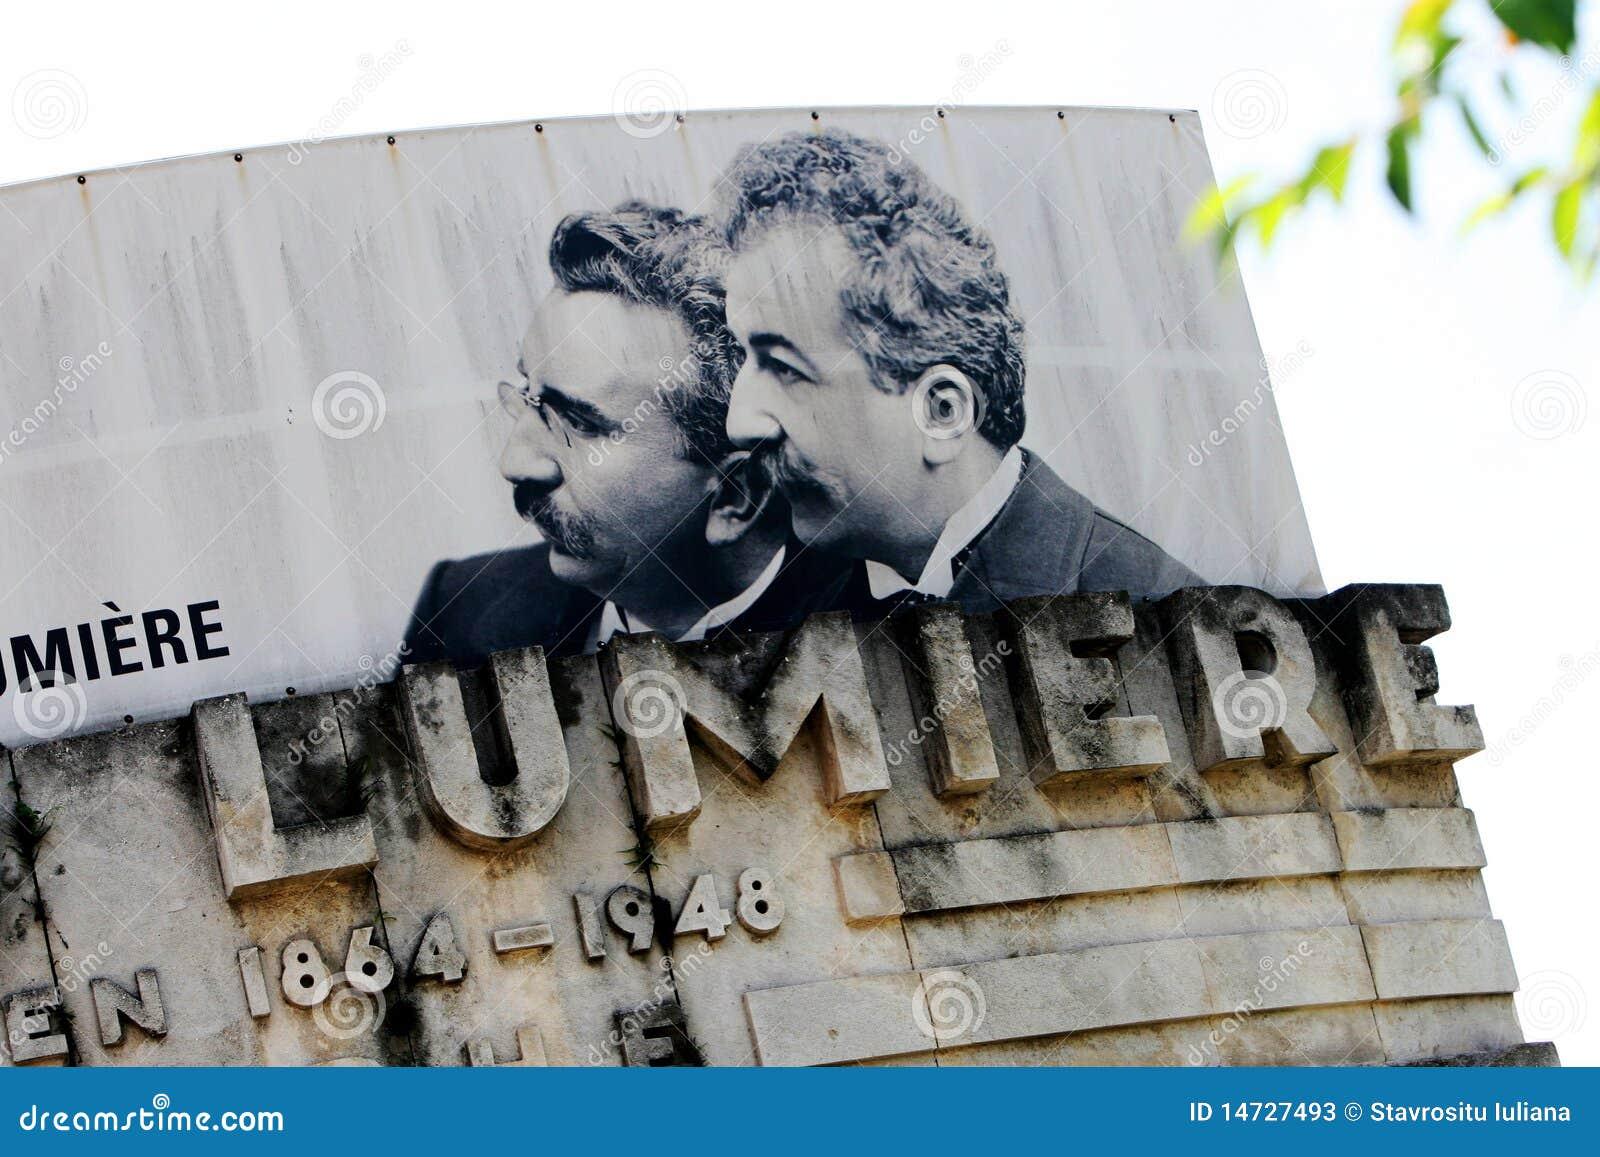 Auguste y Louis Lumiere